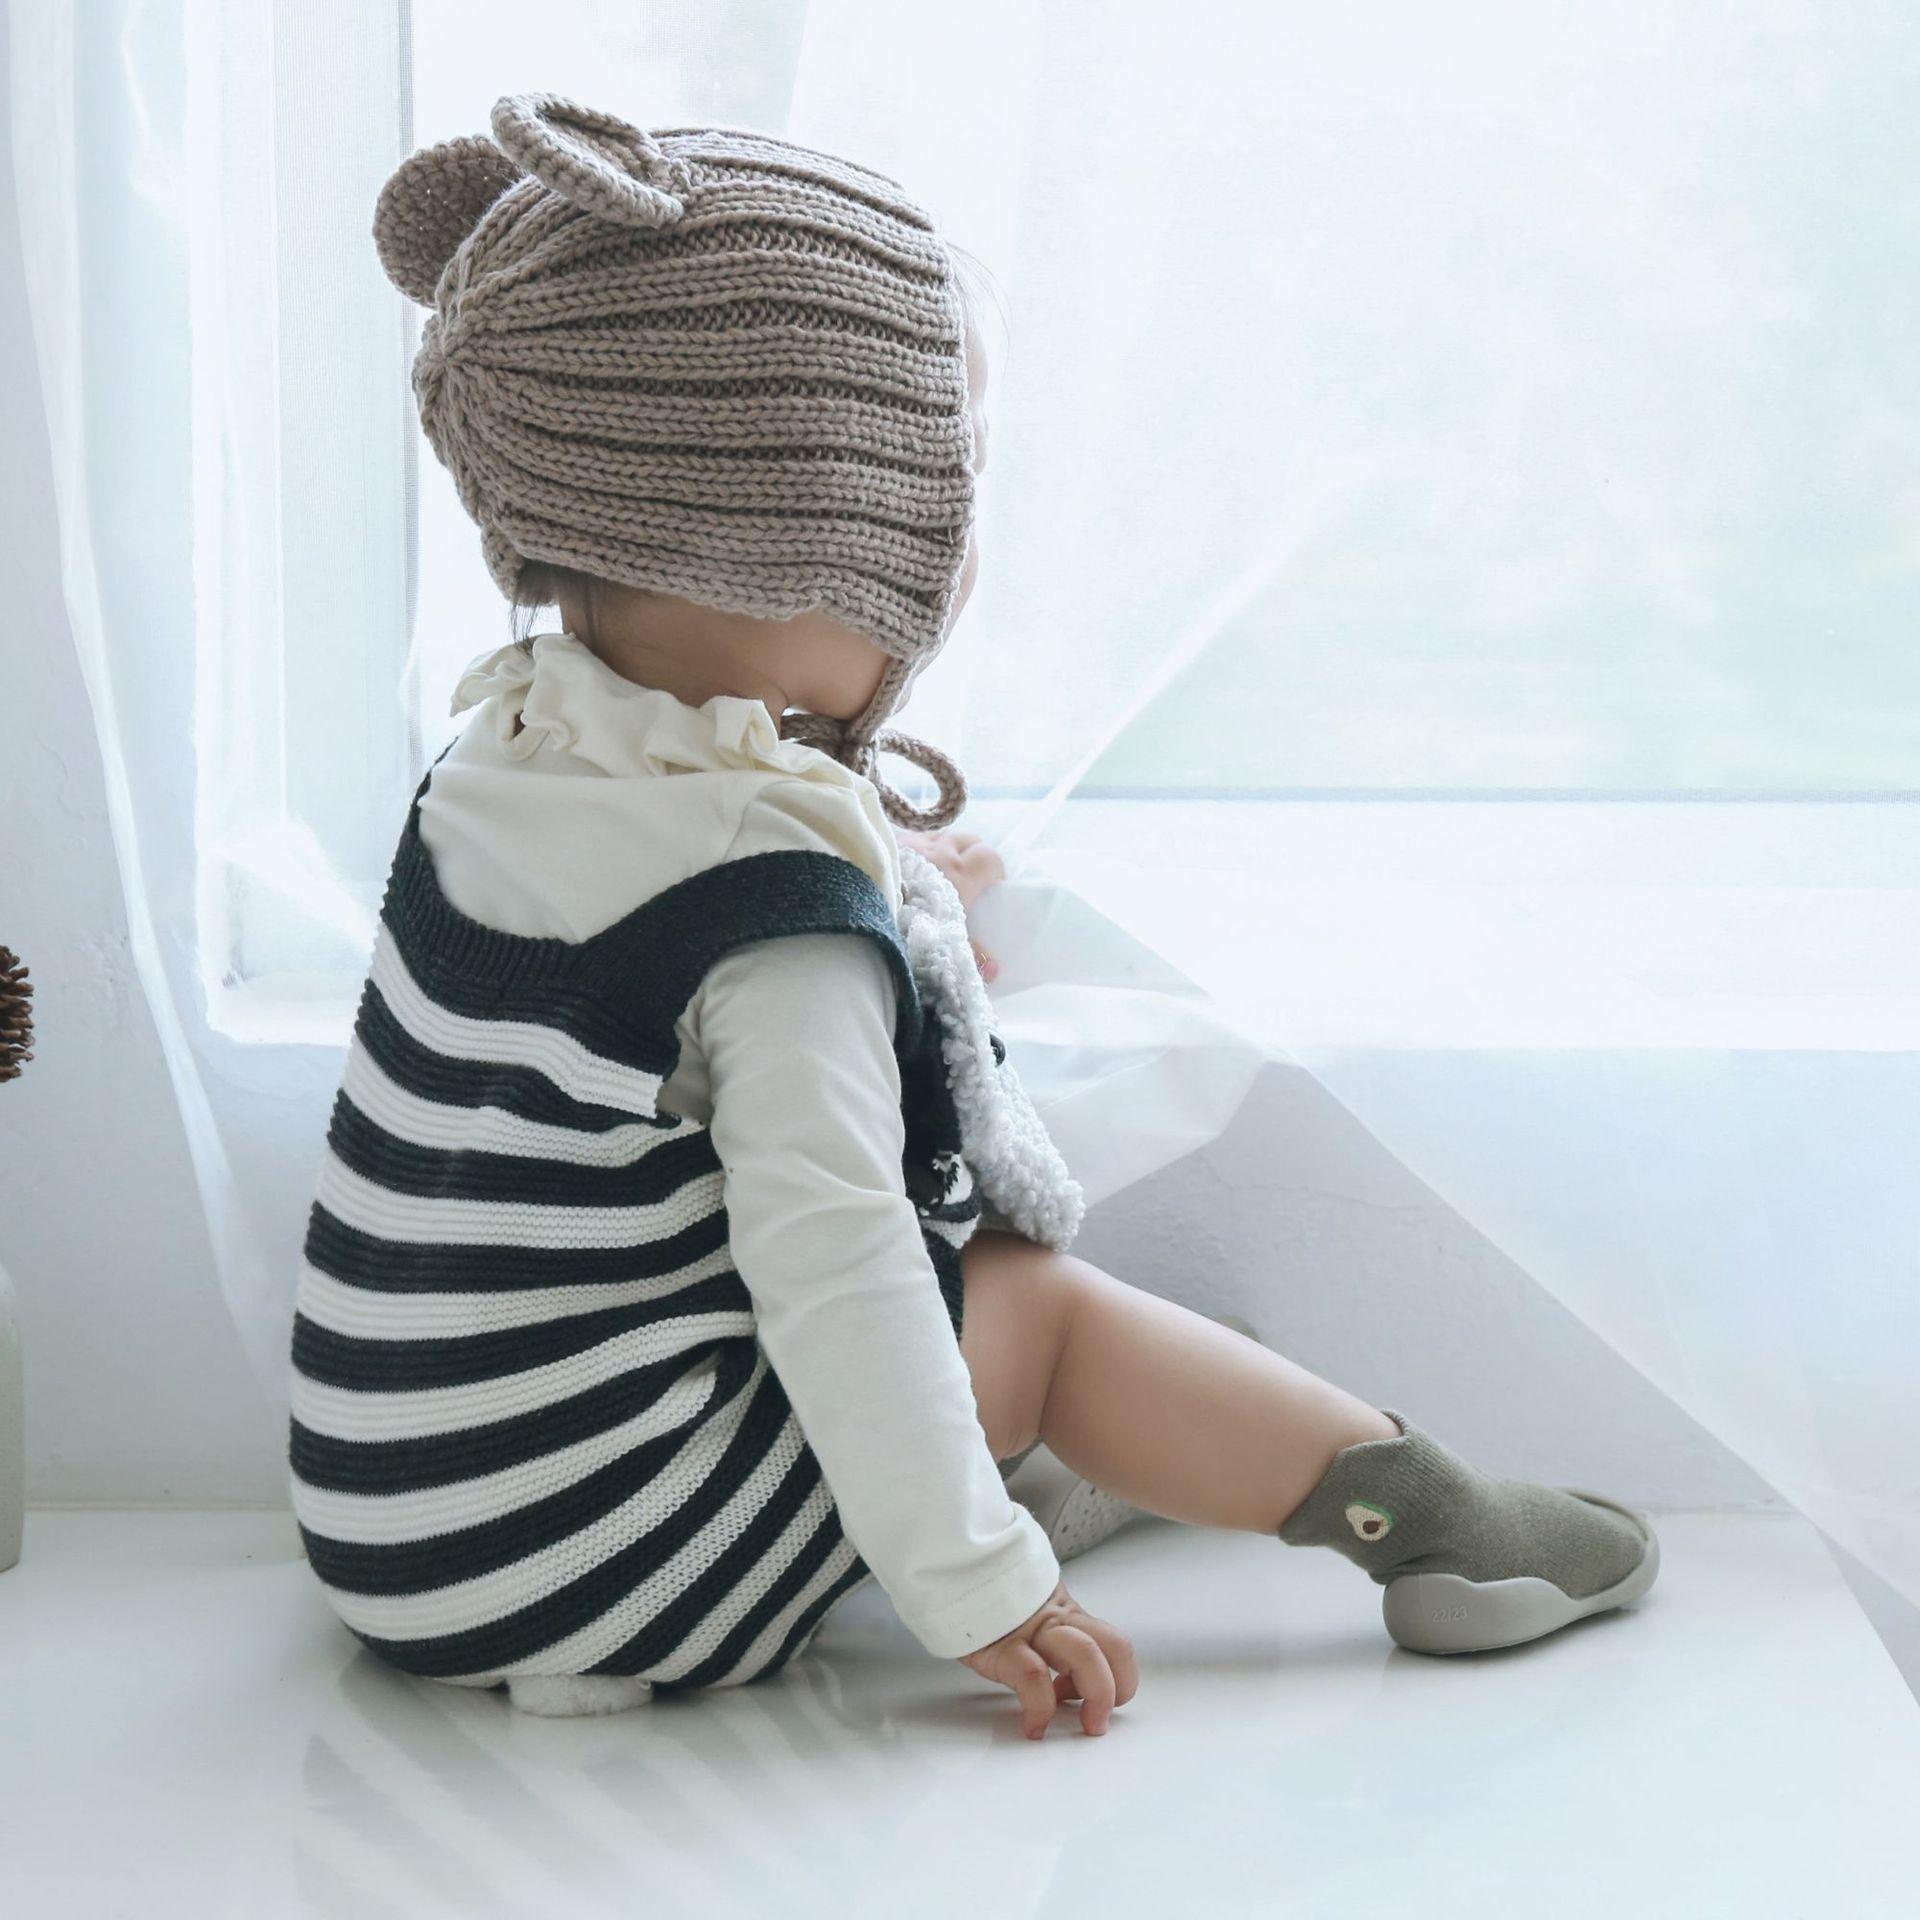 2019 سقوط طفل جديد الجوارب الطابق الأطفال الجوارب 0-4 طفل عمره سنة المطاط أسفل المضادة للانزلاق طفل الجوارب